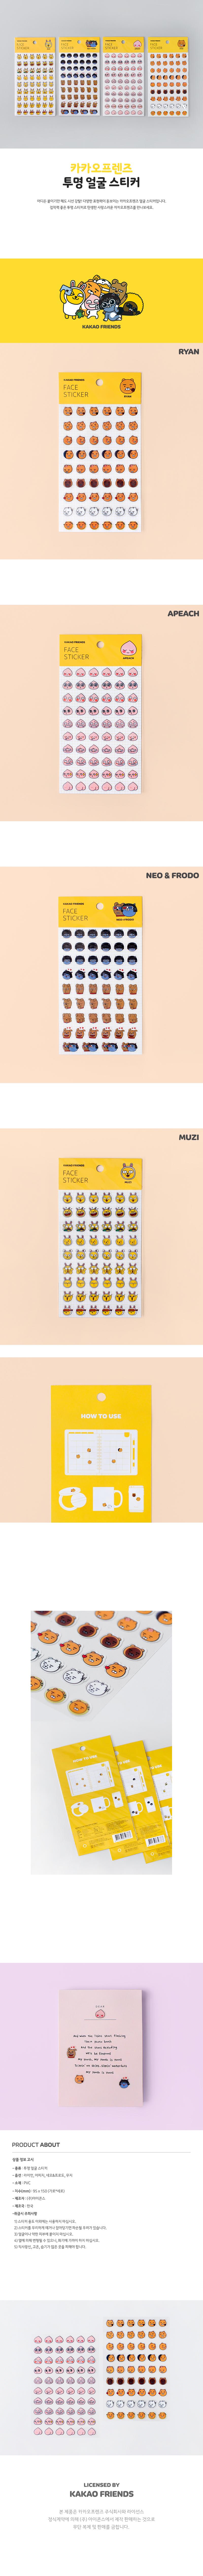 카카오프렌즈 투명 얼굴 스티커1,500원-카카오프렌즈디자인문구, 데코레이션, 스티커, 캐릭터스티커바보사랑카카오프렌즈 투명 얼굴 스티커1,500원-카카오프렌즈디자인문구, 데코레이션, 스티커, 캐릭터스티커바보사랑